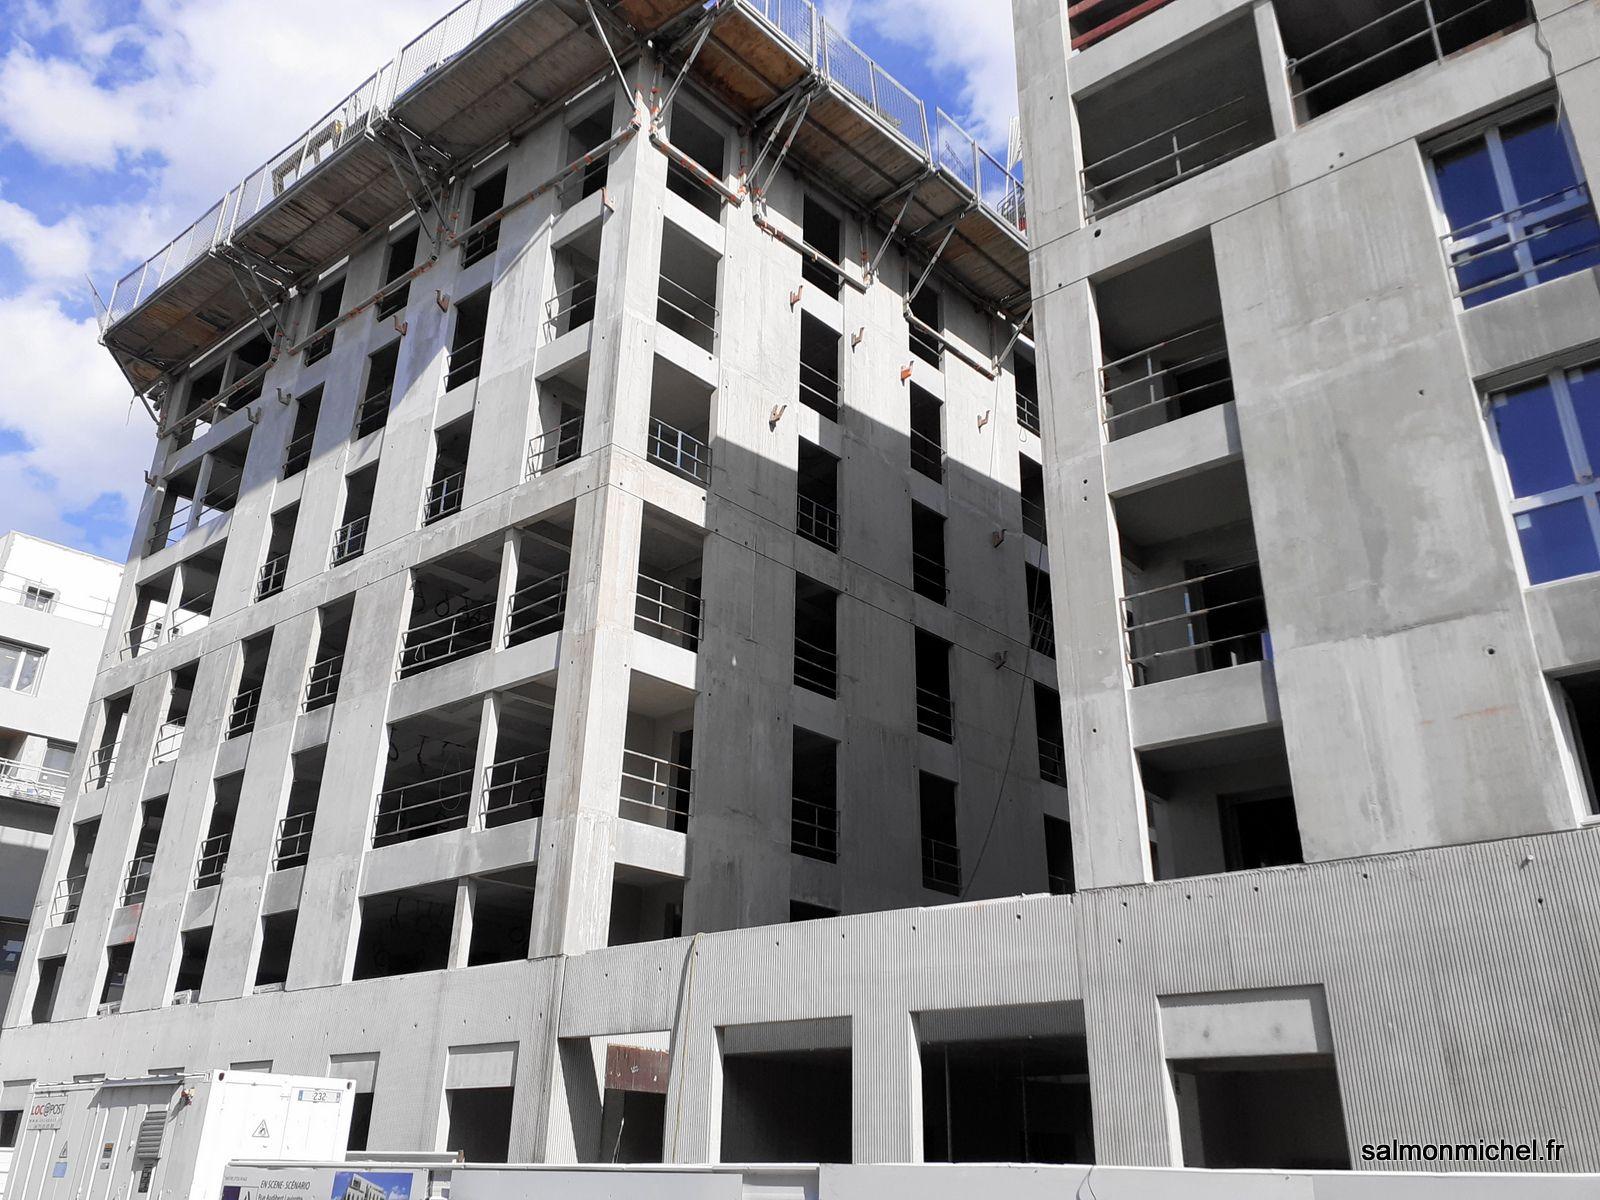 Projet urbain sur le site de l'ancienne usine des Moteurs PATAY - Mai 2021